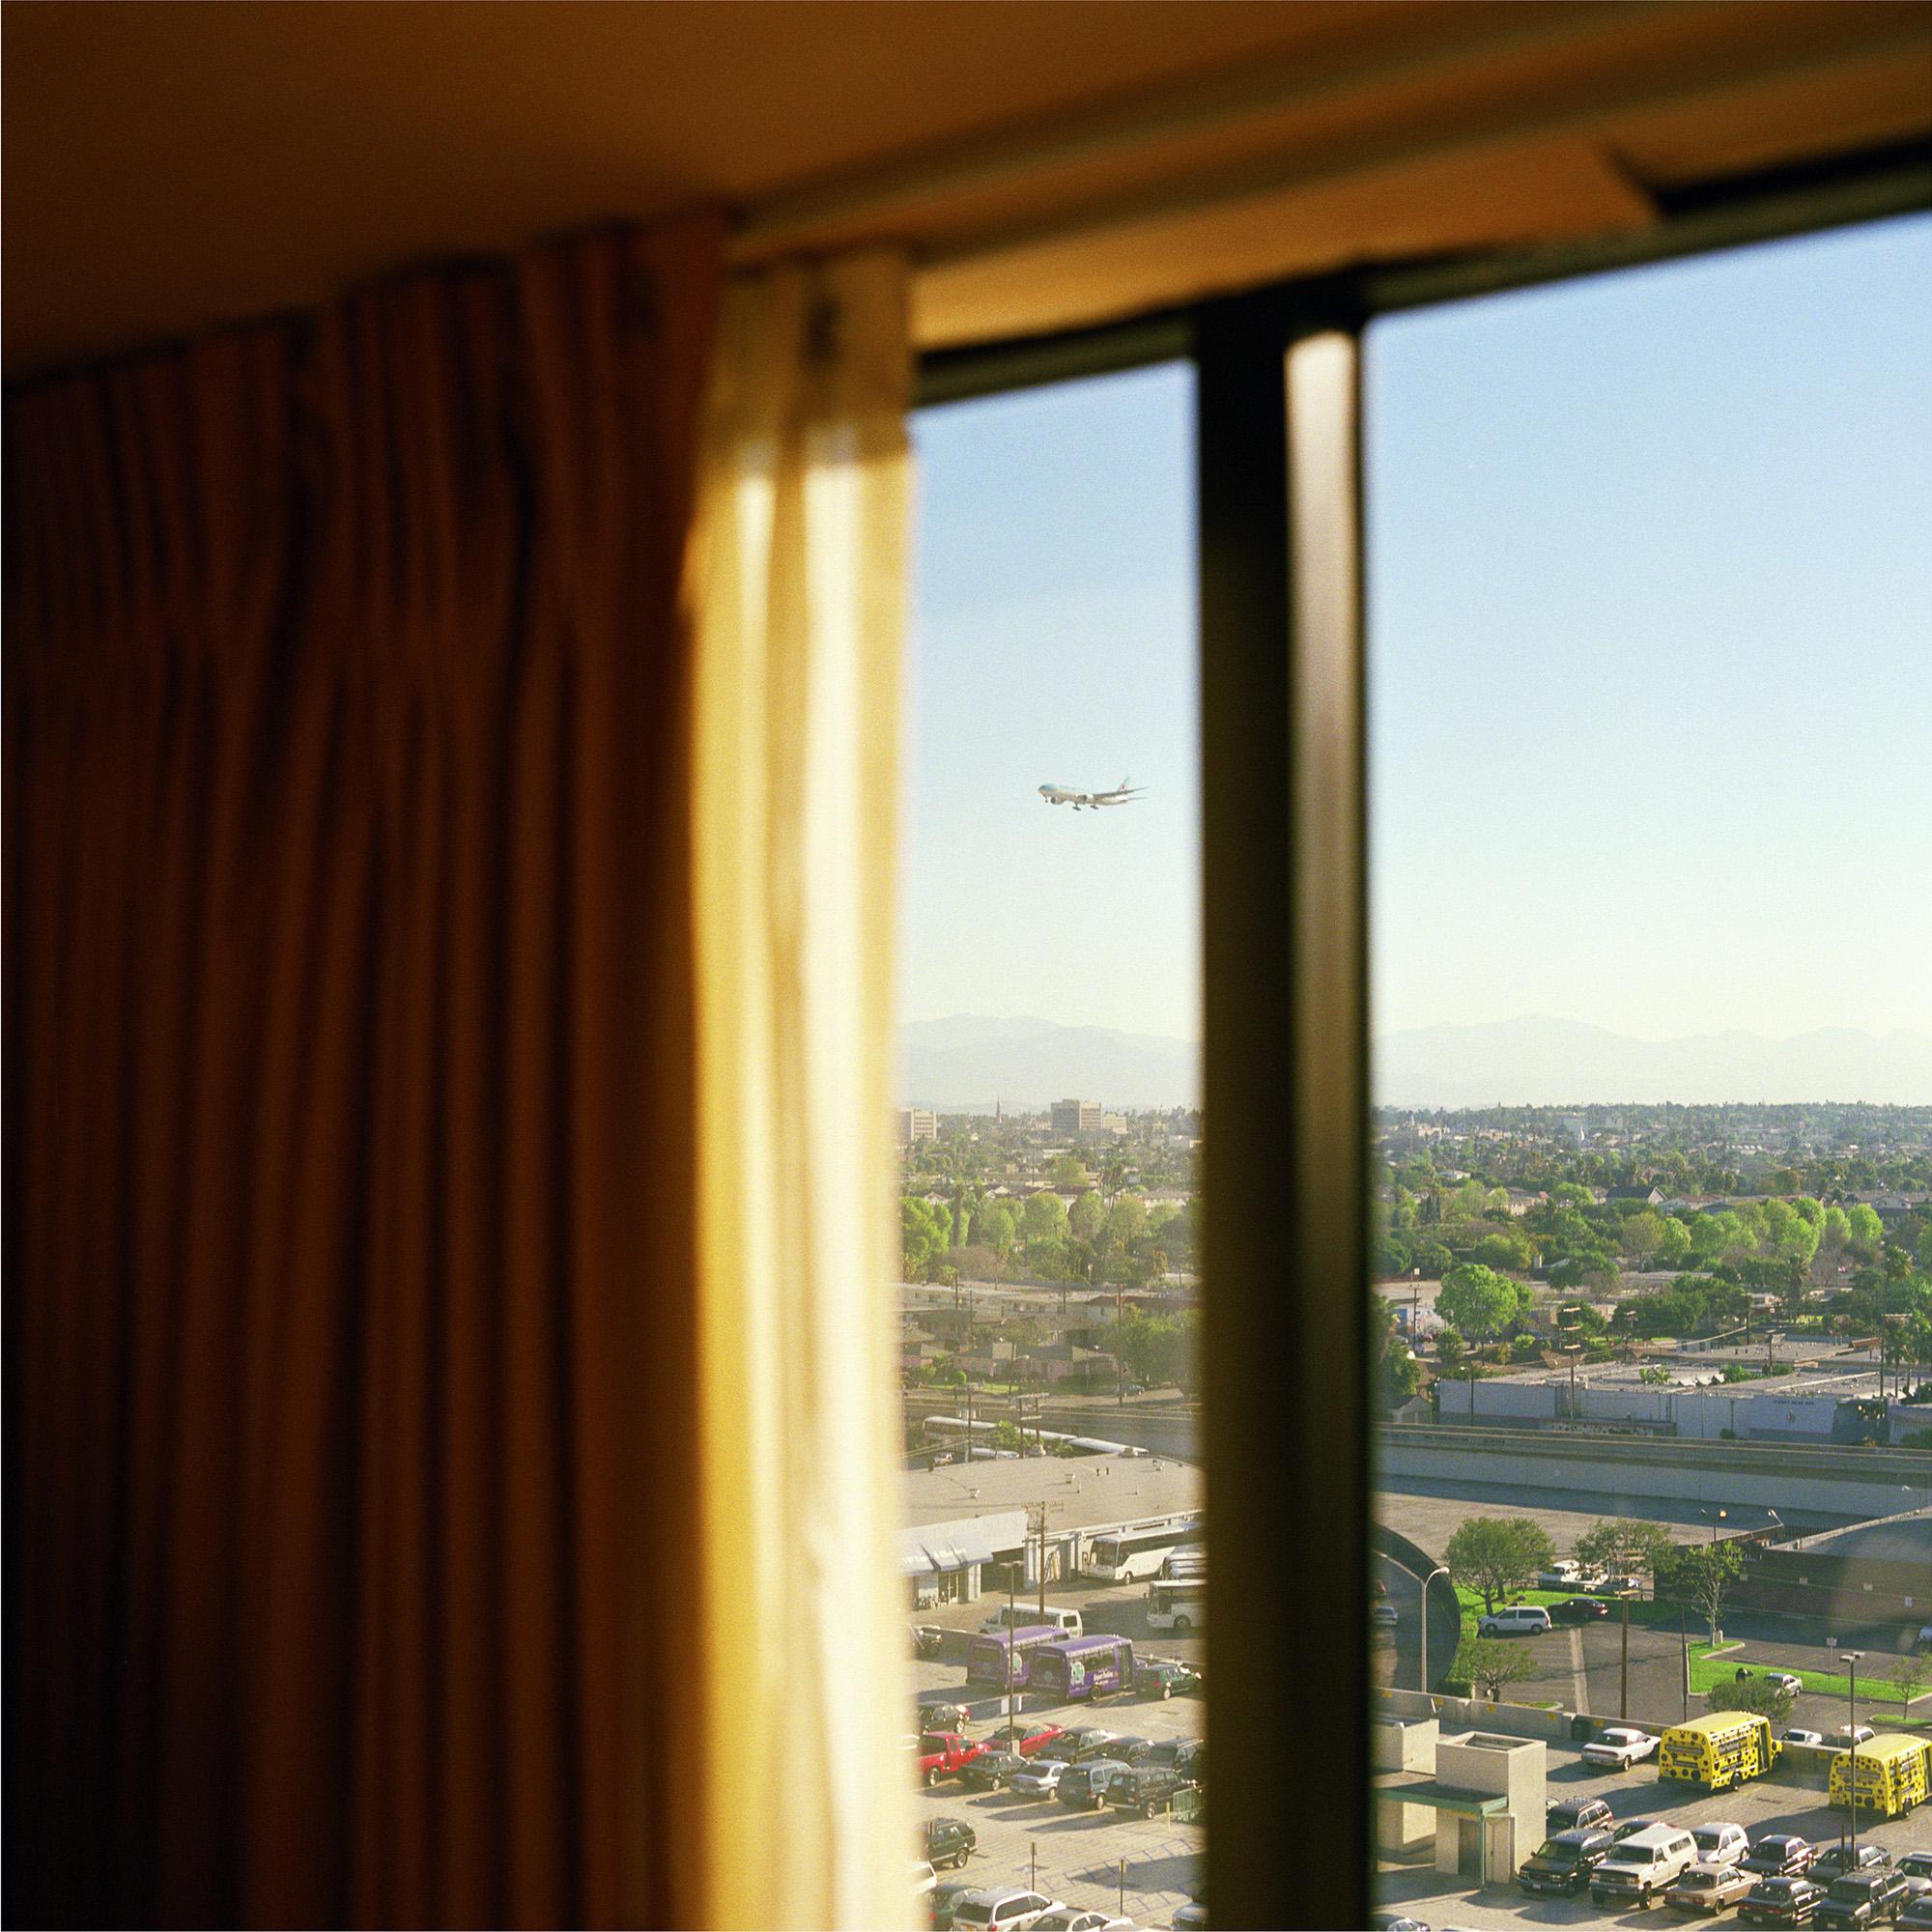 The LAX Hilton